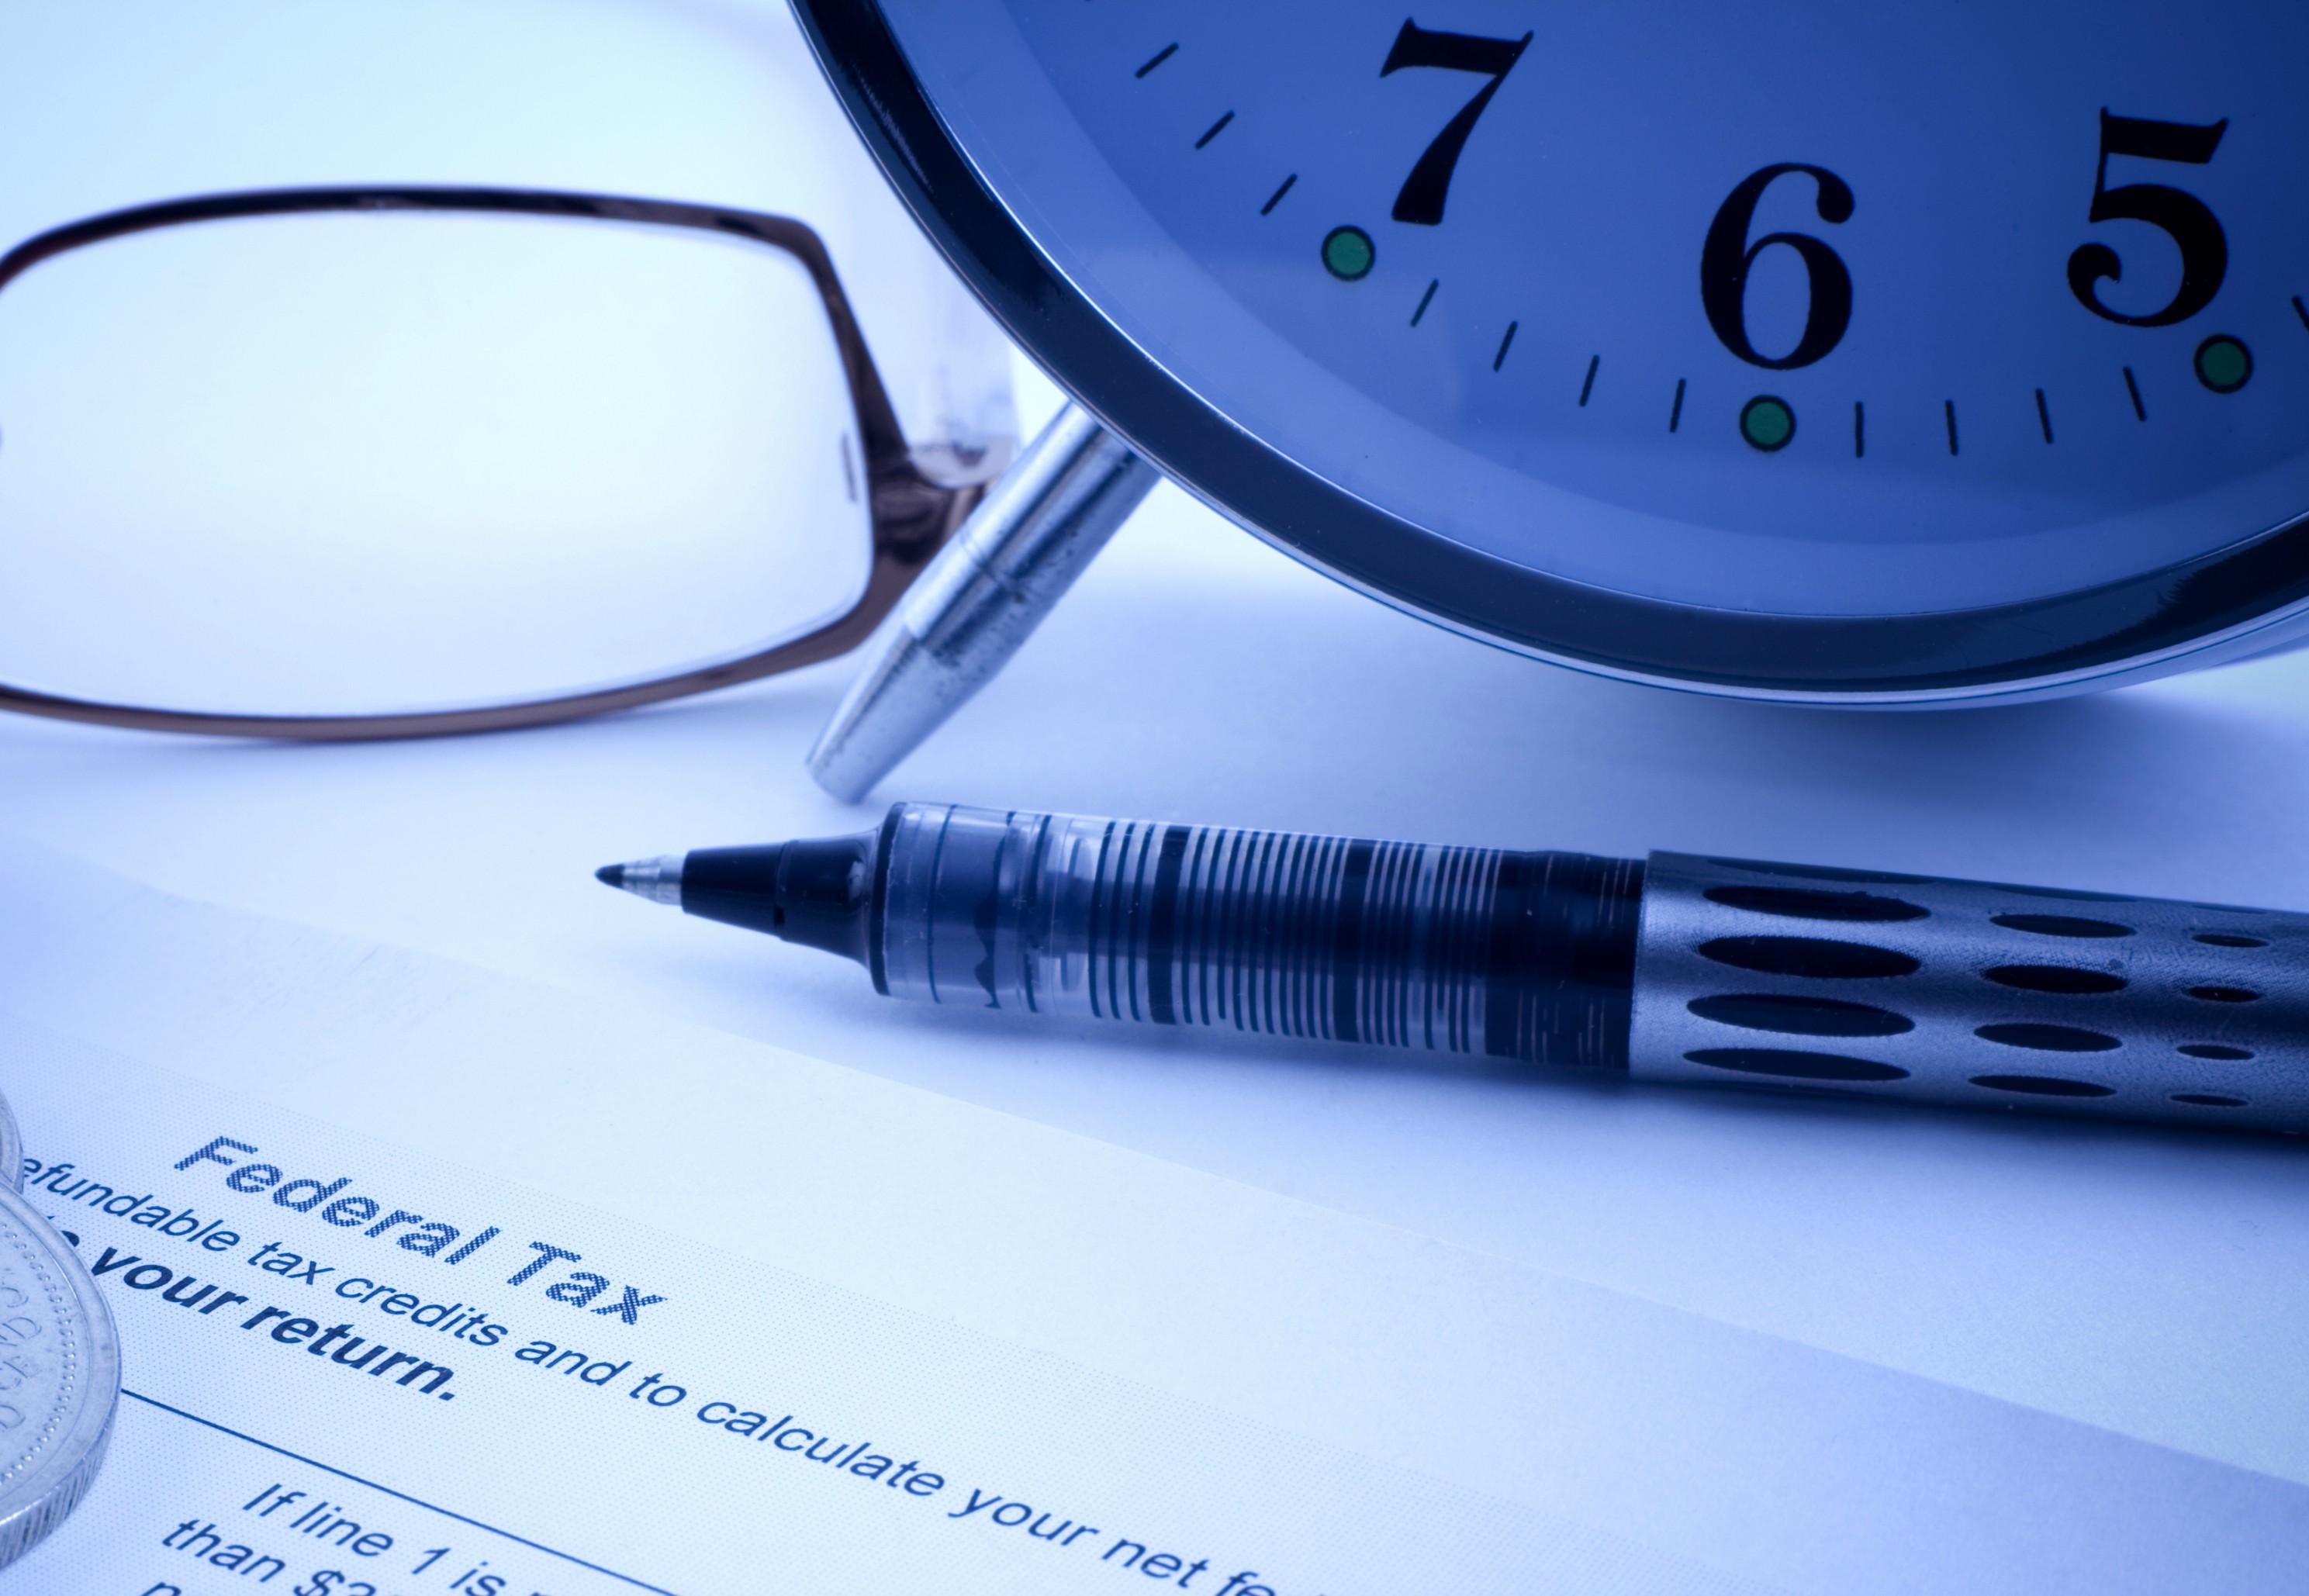 Federal tax form